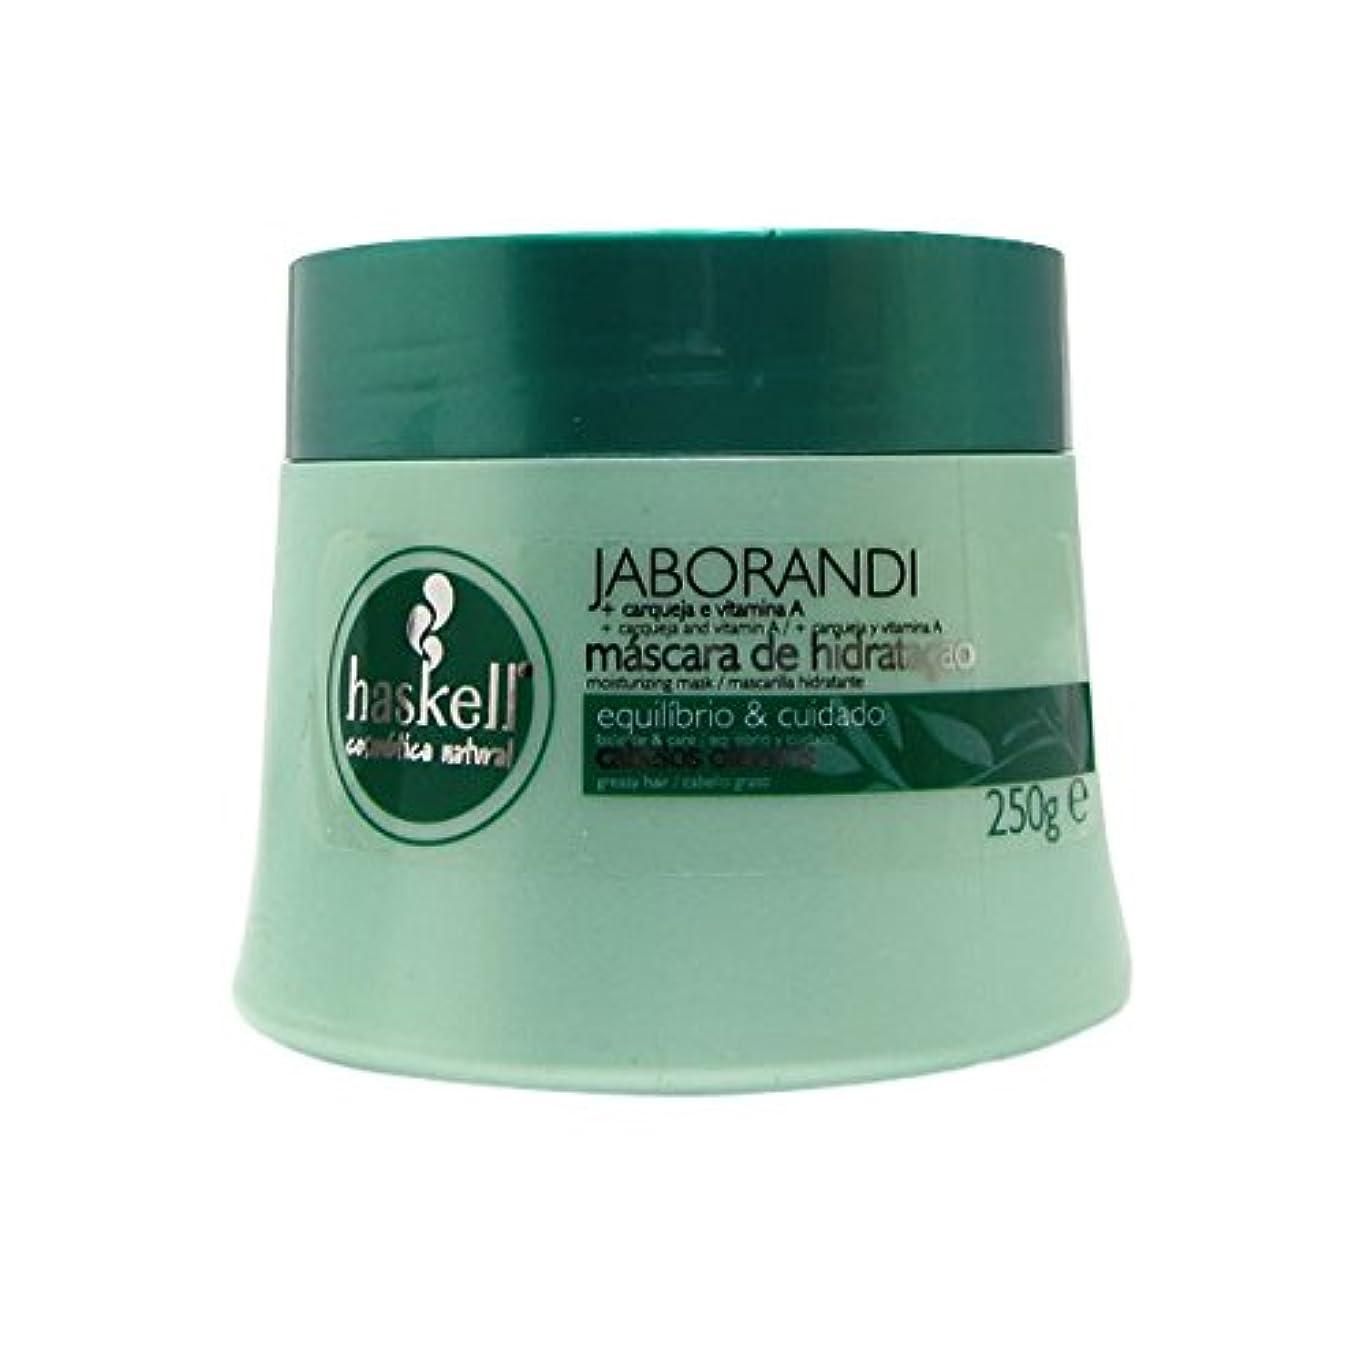 誰の用心中Haskell Jaborandi Hair Mask 250g [並行輸入品]